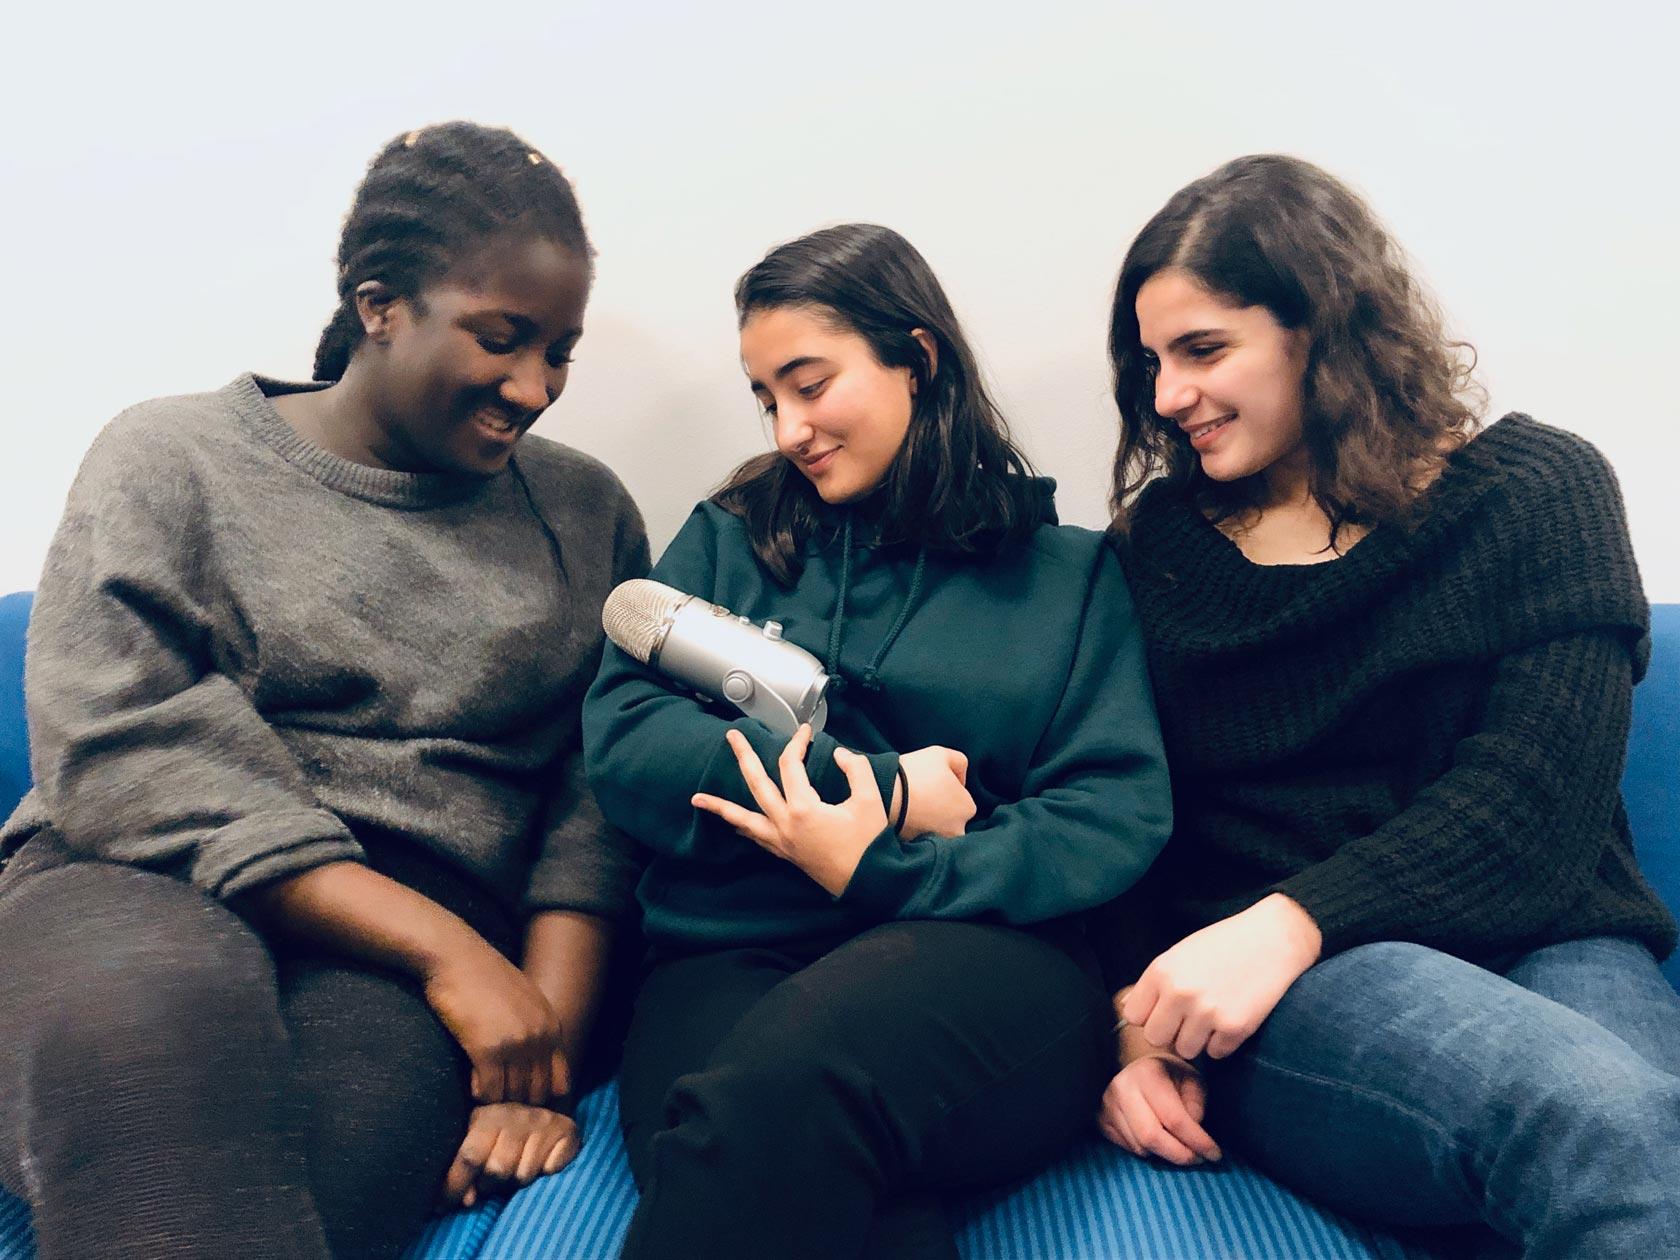 Ei jente ca 15 år holder en stor mikrofon i favnen som en baby. To andre jenter ca 15 år ser beundrende på.